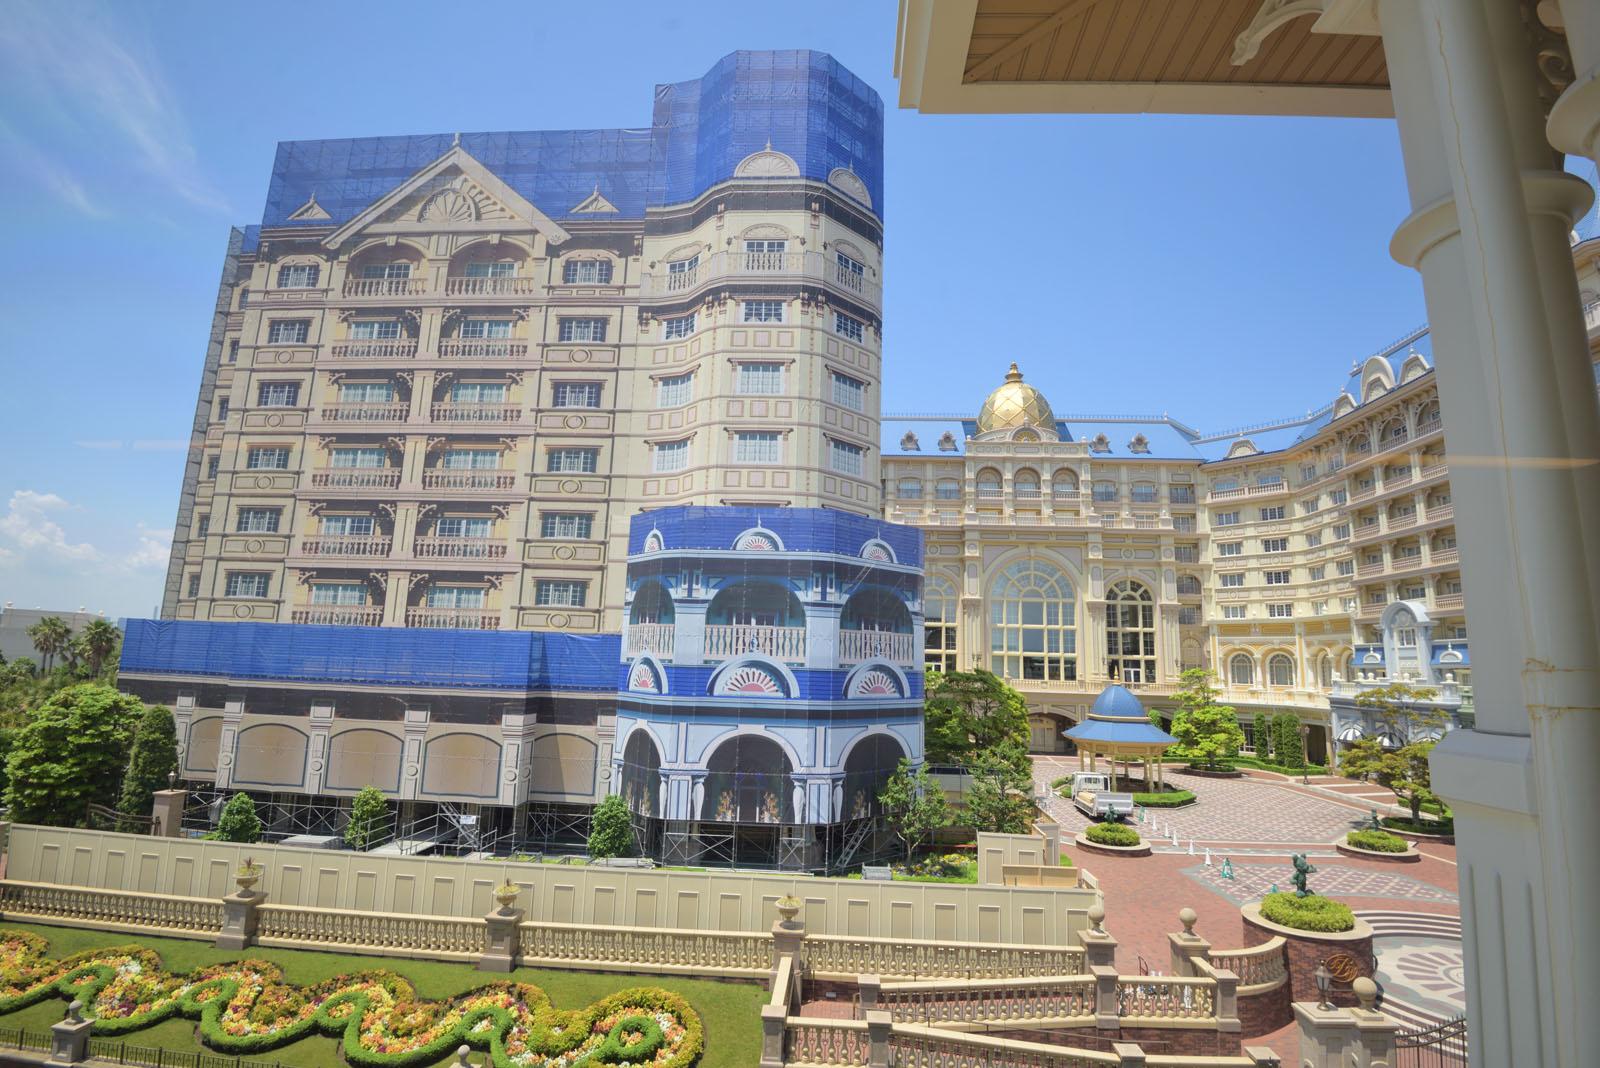 東京ディズニーランドホテル 臨時休館